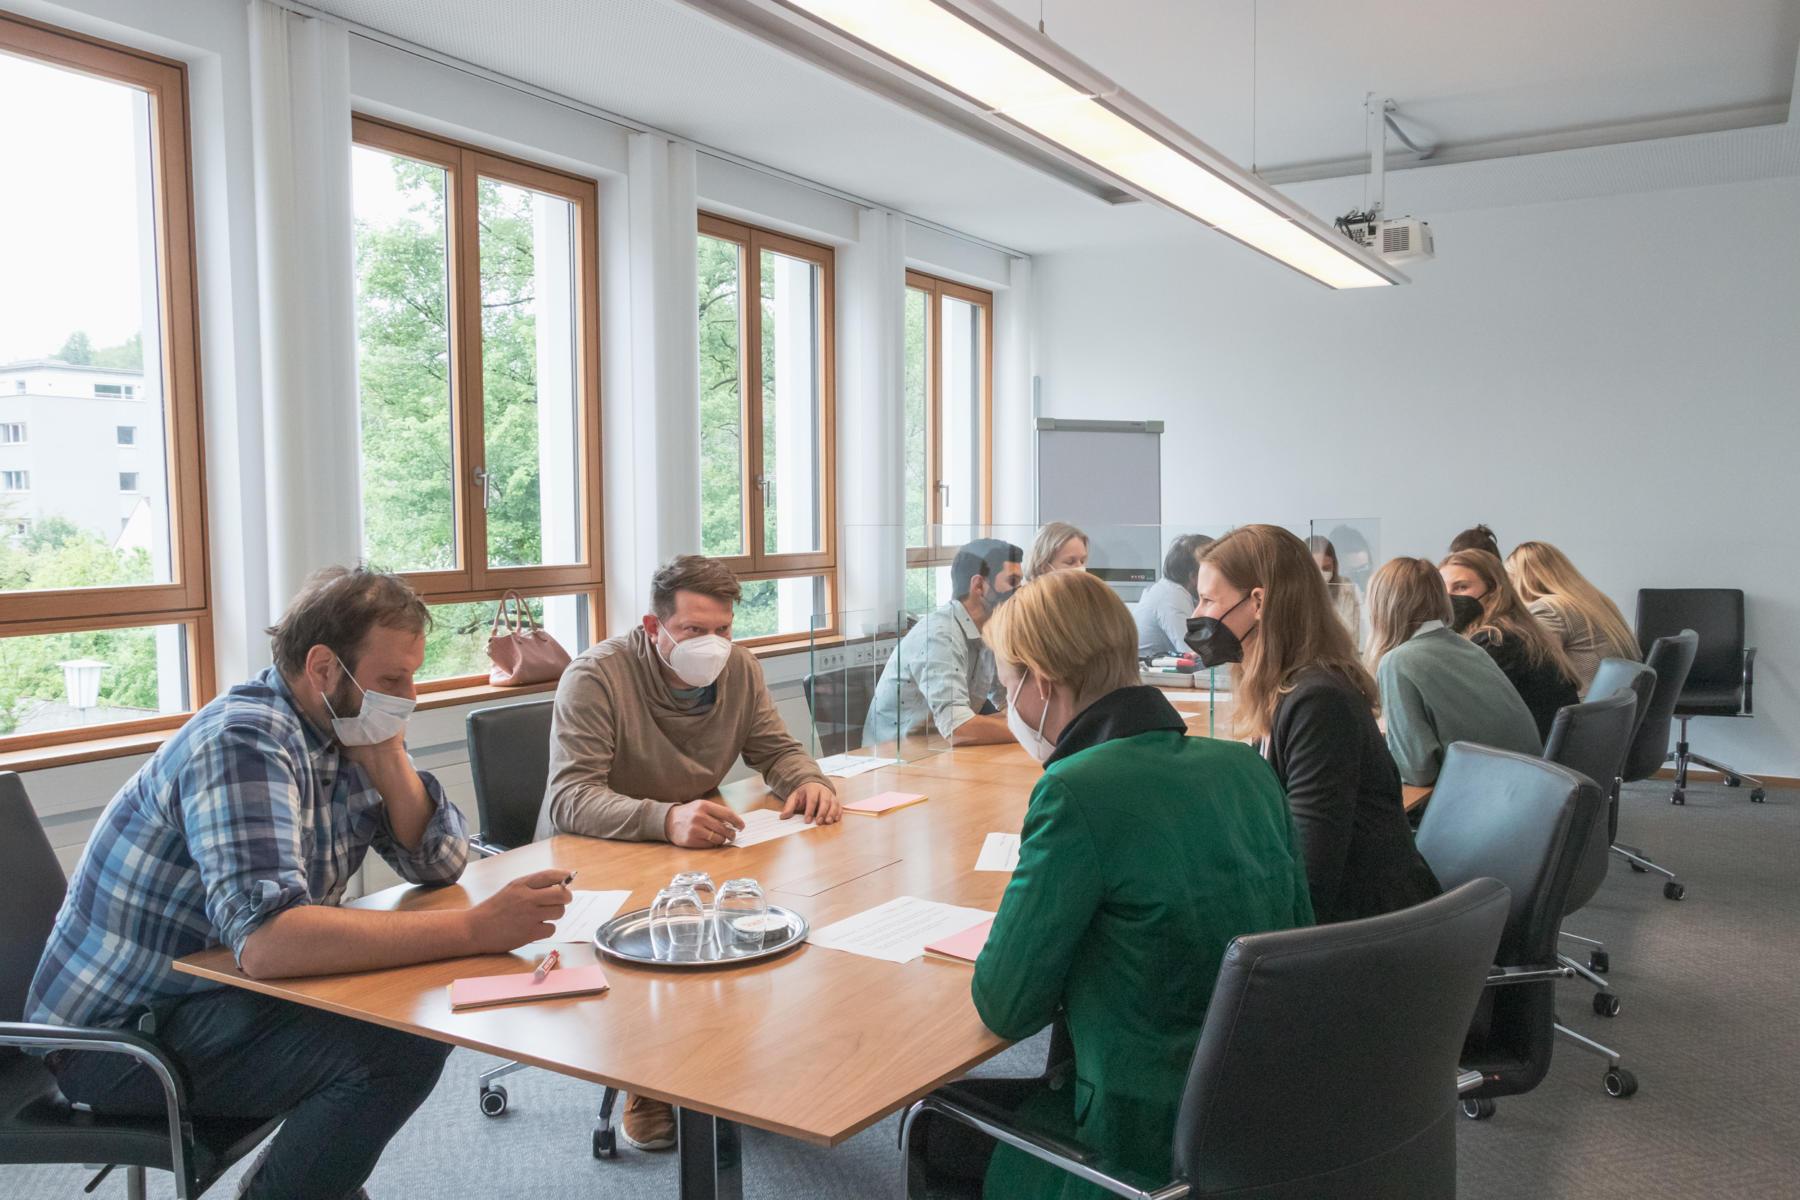 vorarlberg tourismus workshop 4 1800x1200 - Spannende Fokusgruppen und Fach-Workshops zur Evaluierung der bisherigen Tourismusstrategie